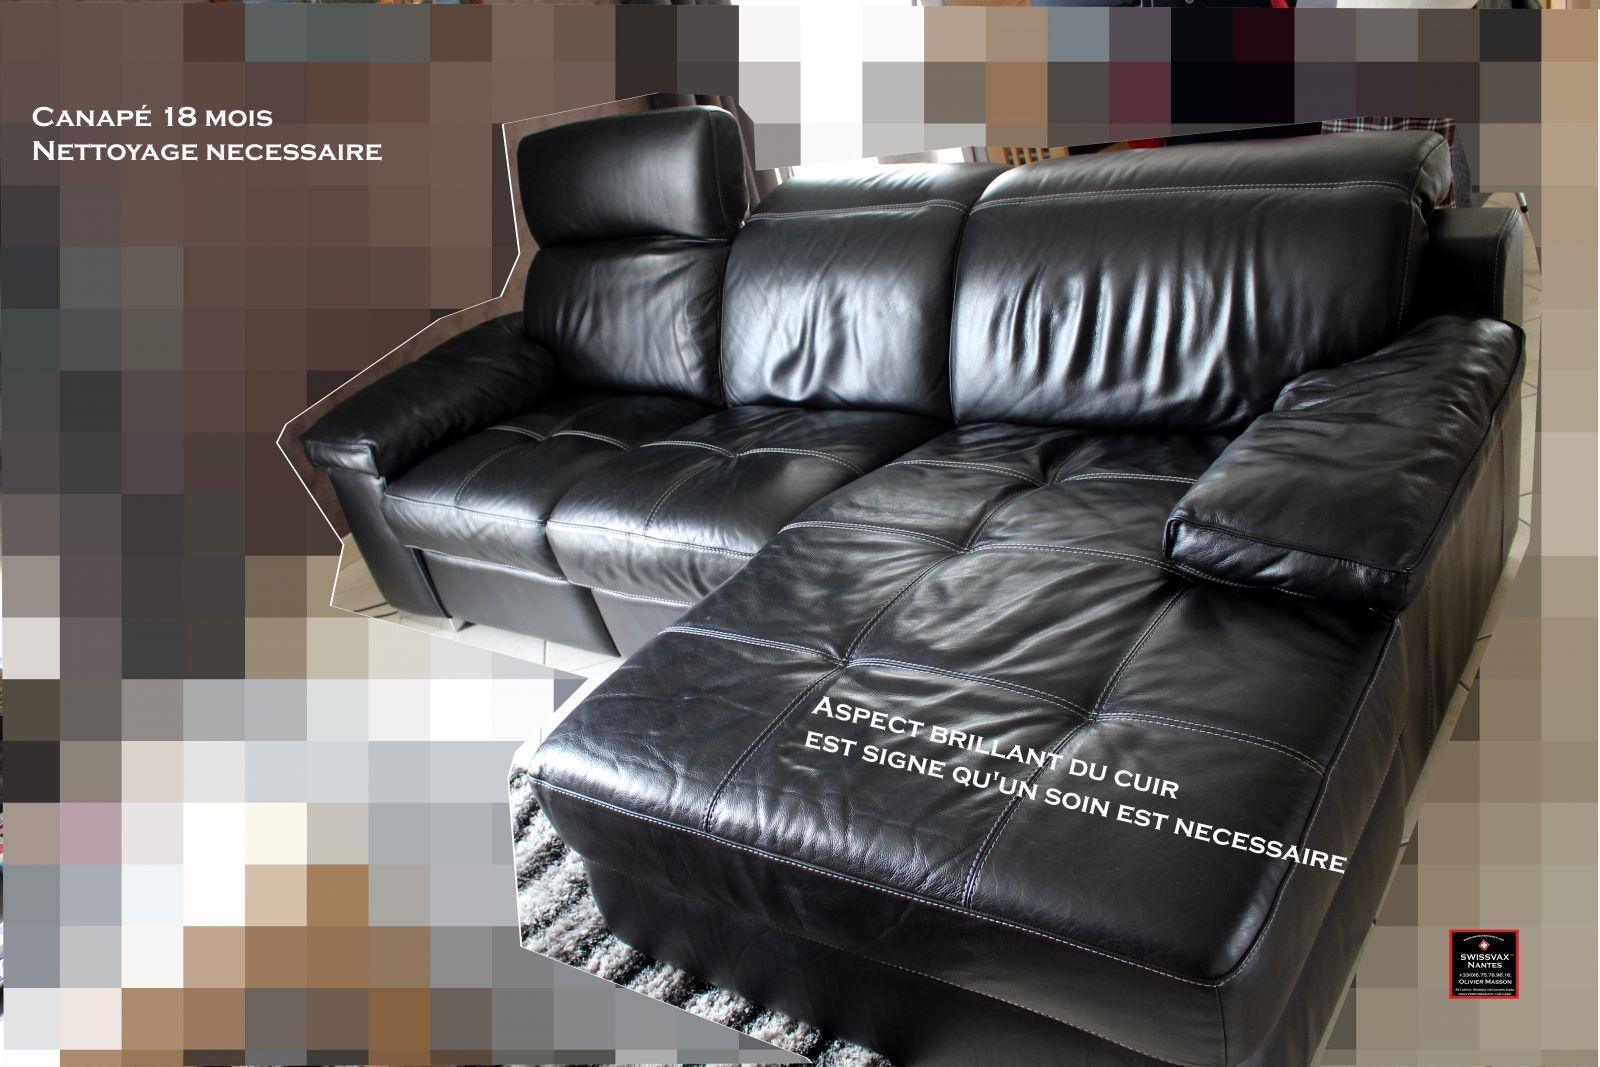 Nettoyer canap cuir finest coloration canaps fauteuils - Comment nettoyer des chaises en cuir ...